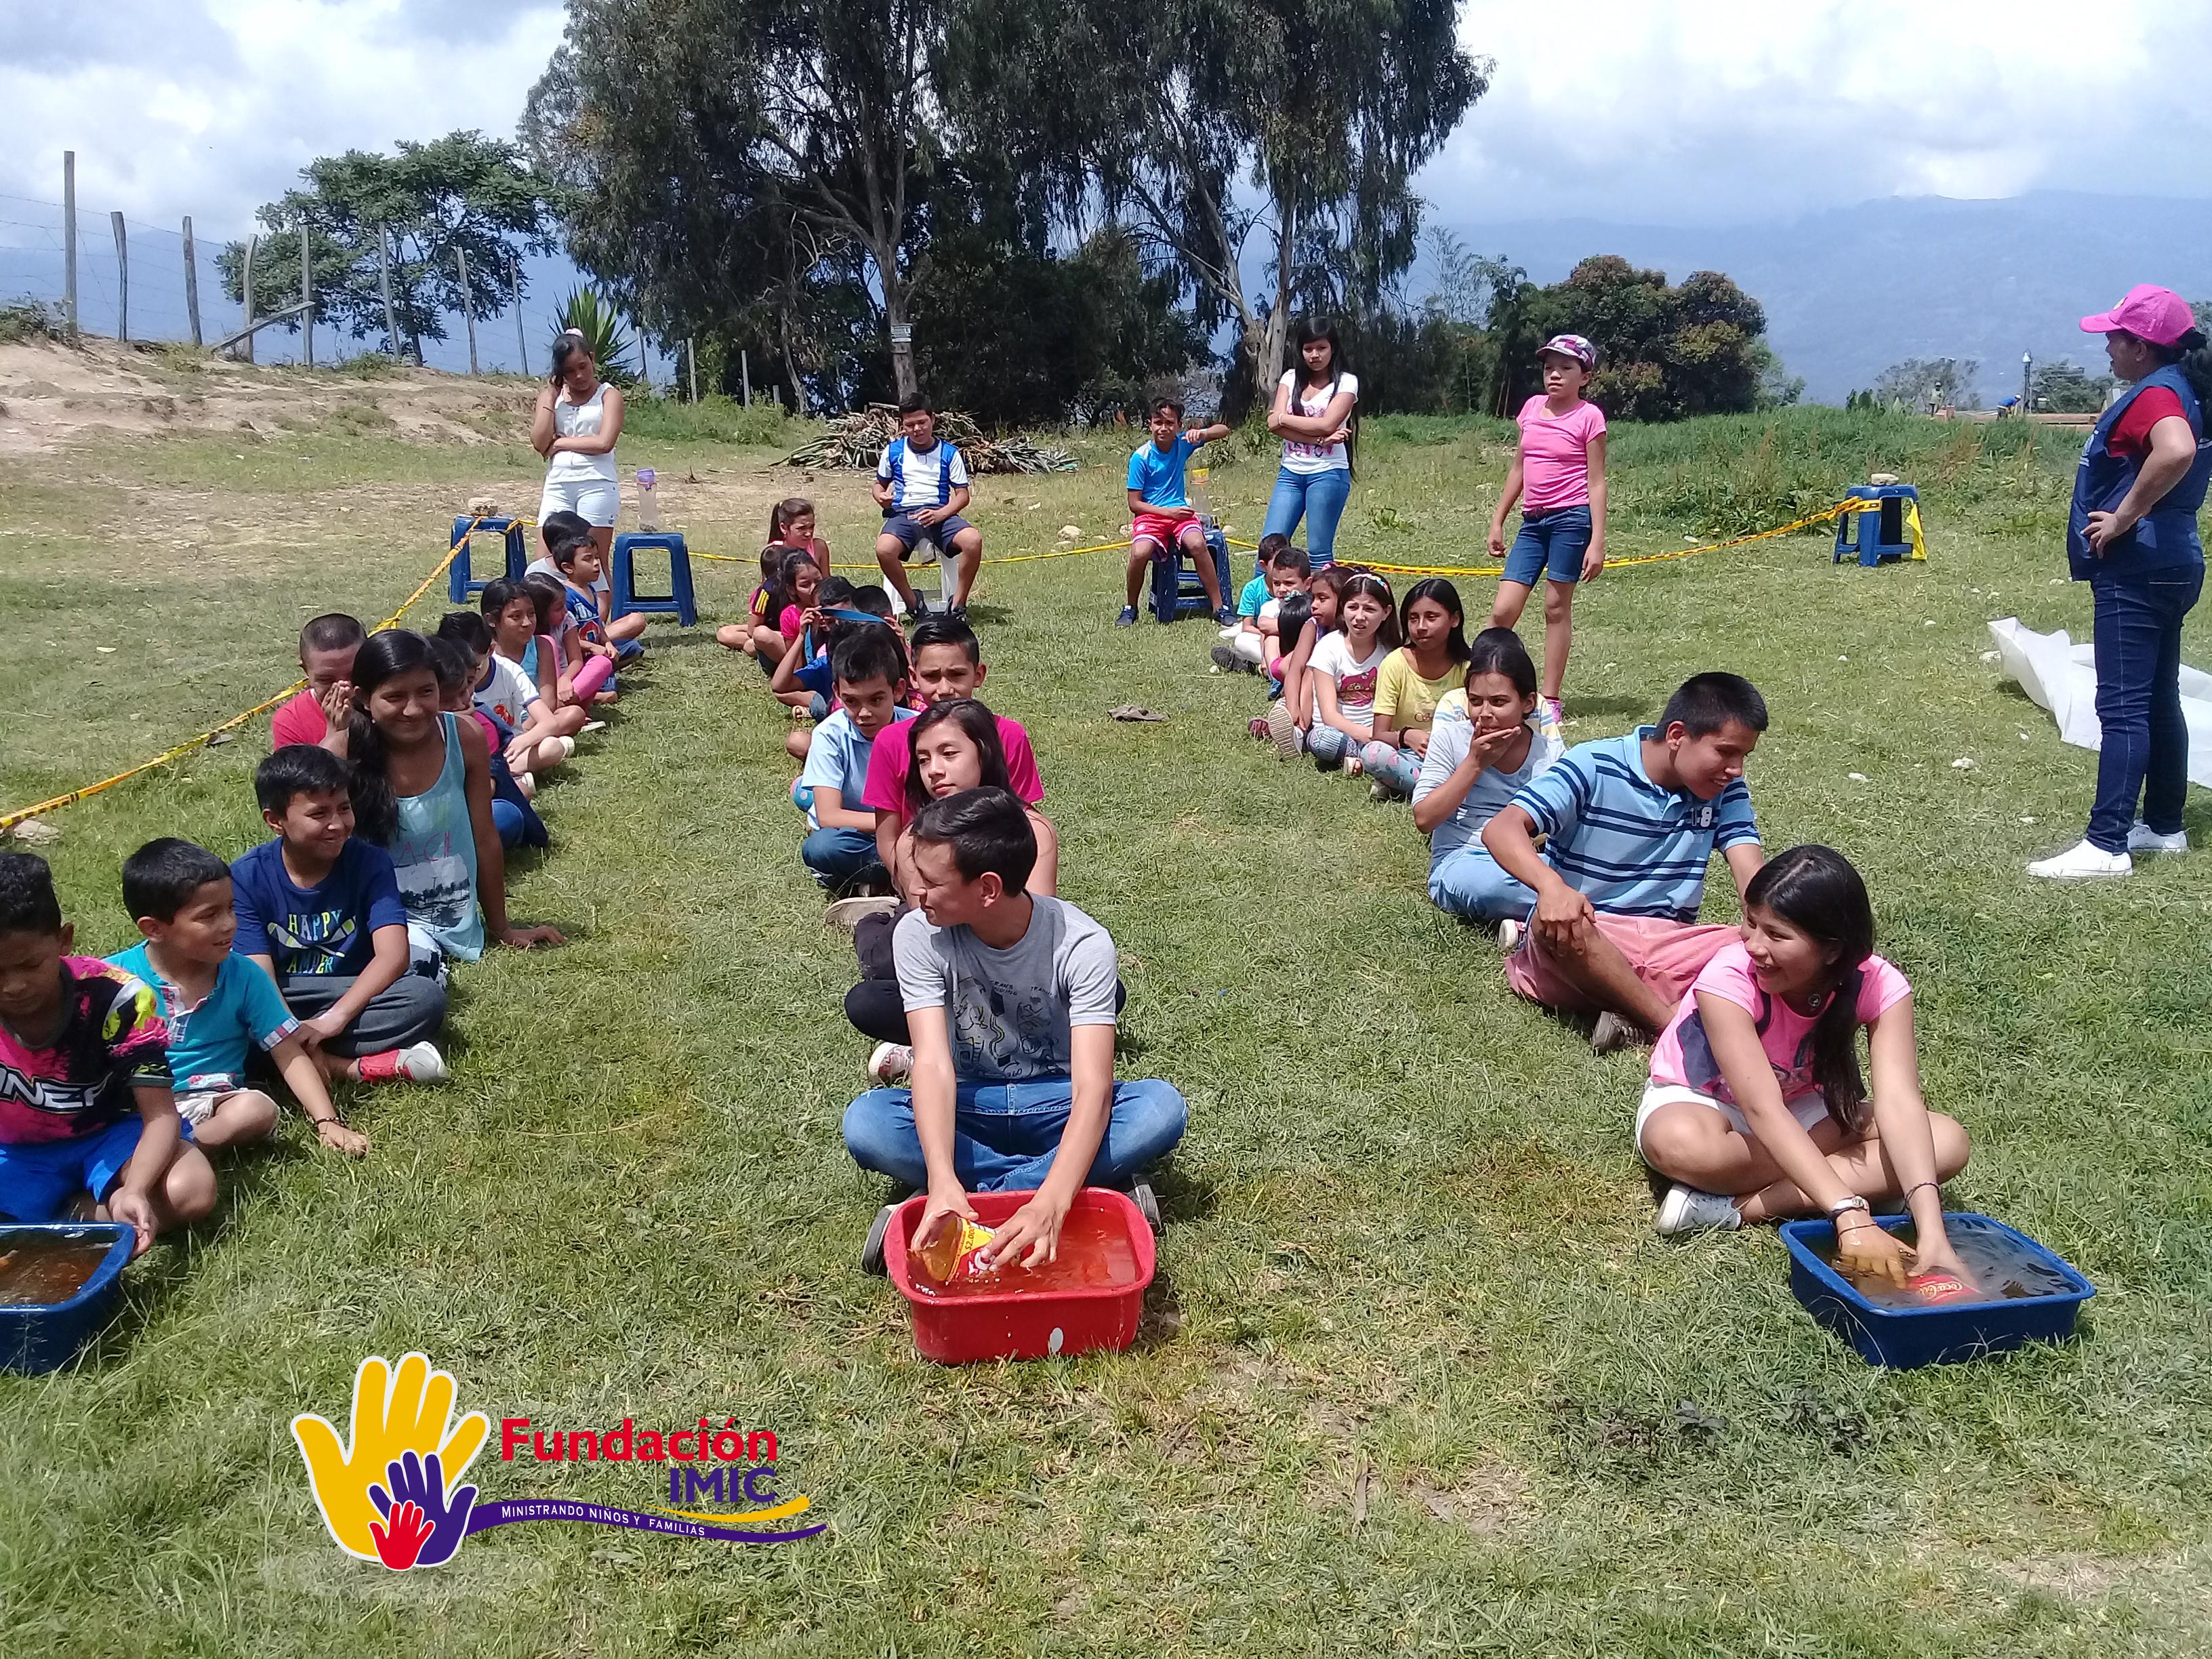 creamos espacios donde los niños de población vulnerable  puedan recrearse sanamente.